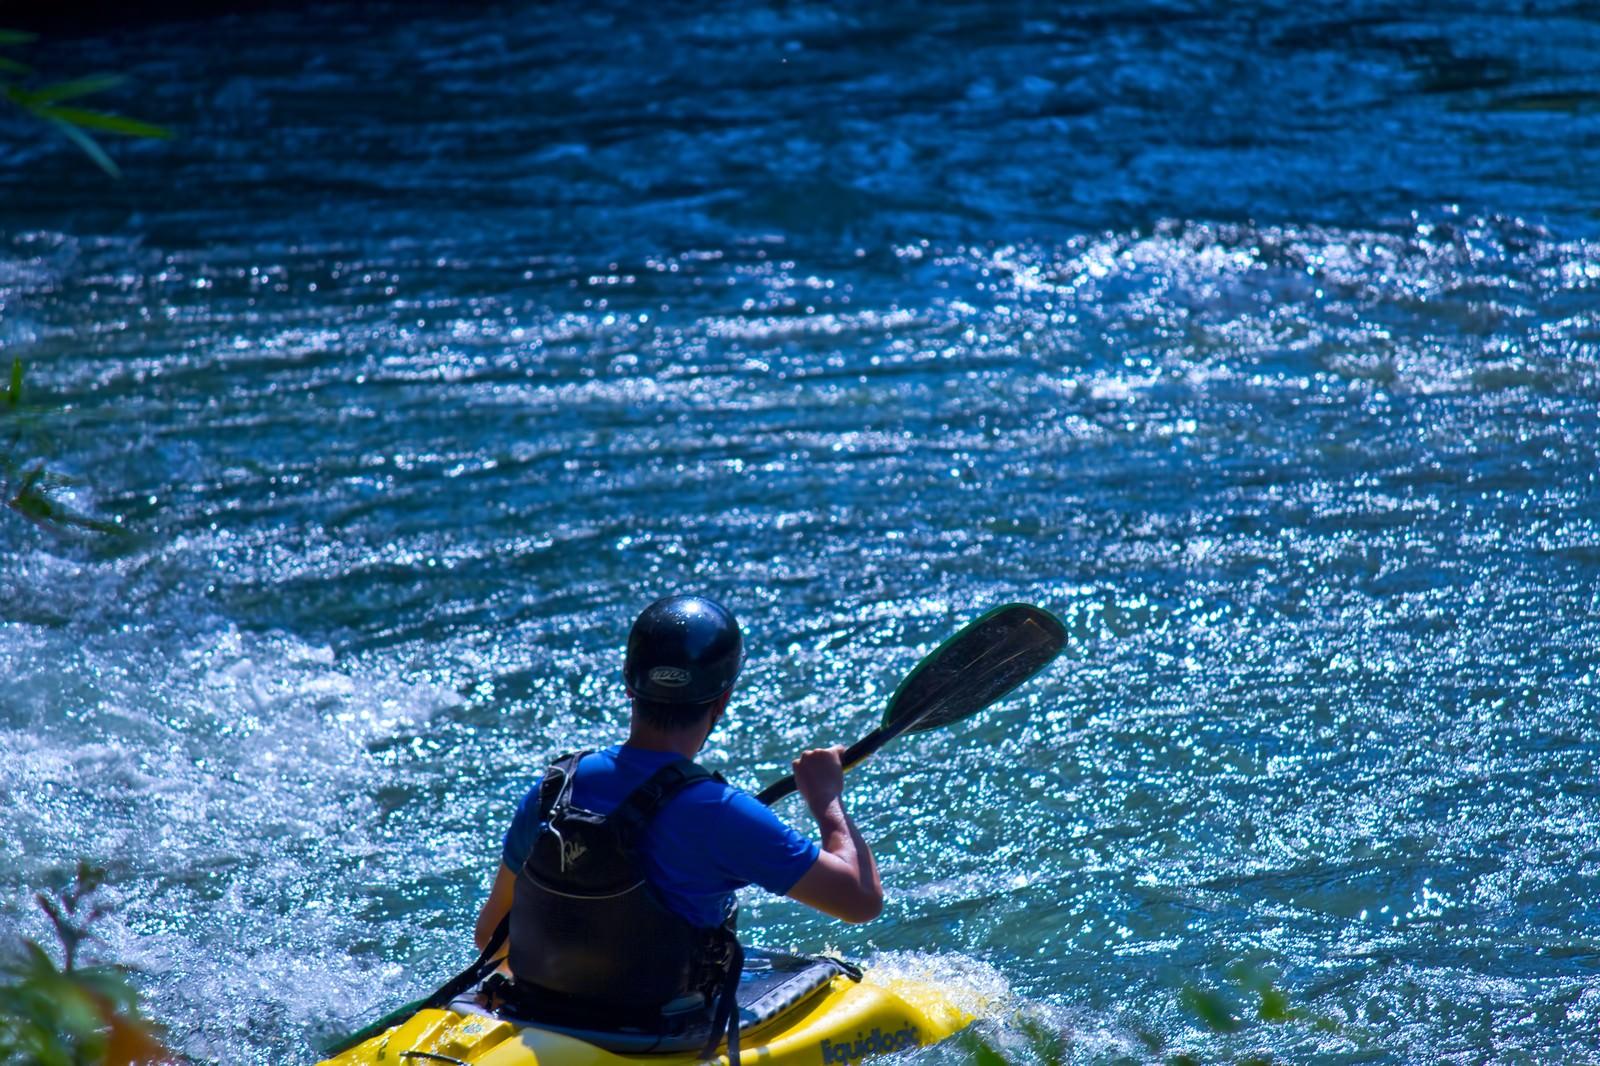 「カヌーの渓流下りカヌーの渓流下り」のフリー写真素材を拡大